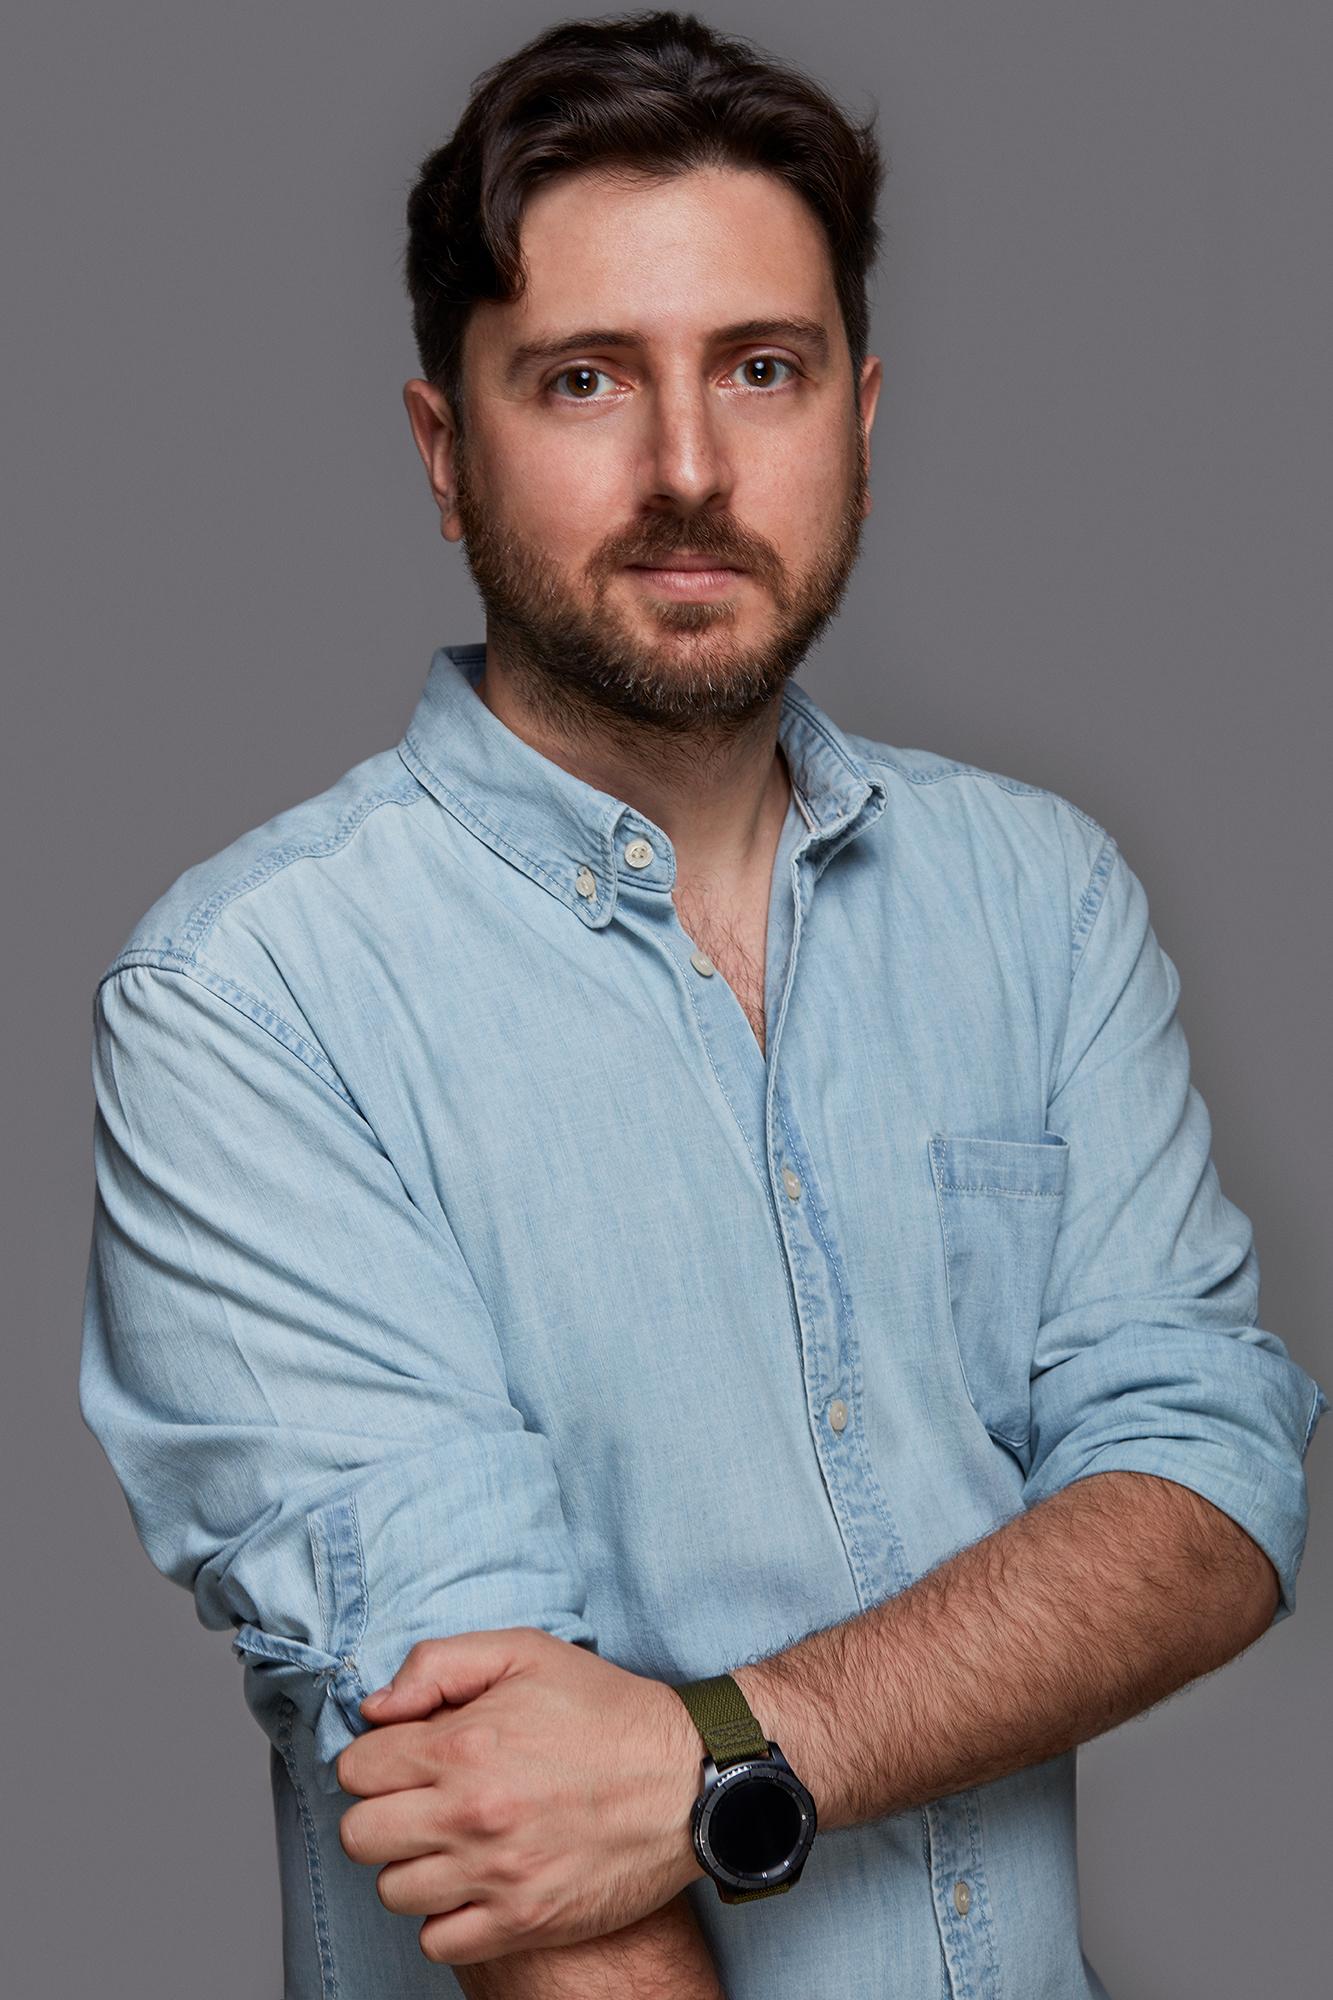 Adam James Cavallari